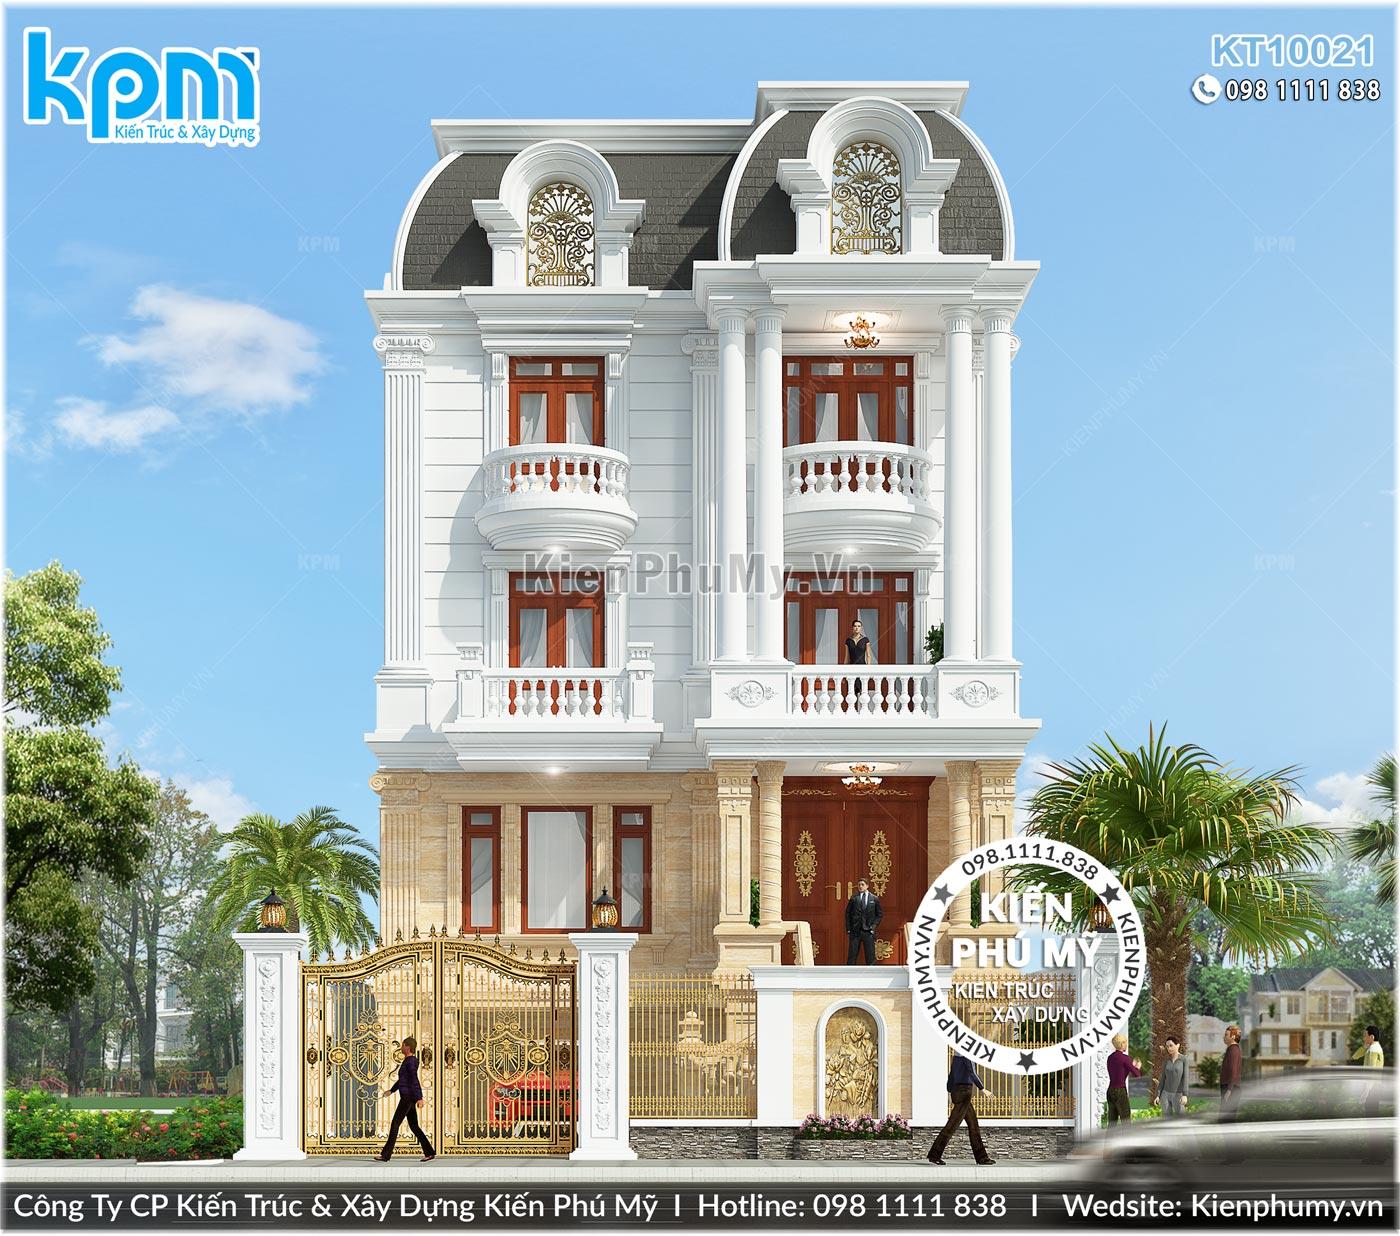 Mặt tiền rộng 10m đẳng cấp của căn biệt thự 4 tầng